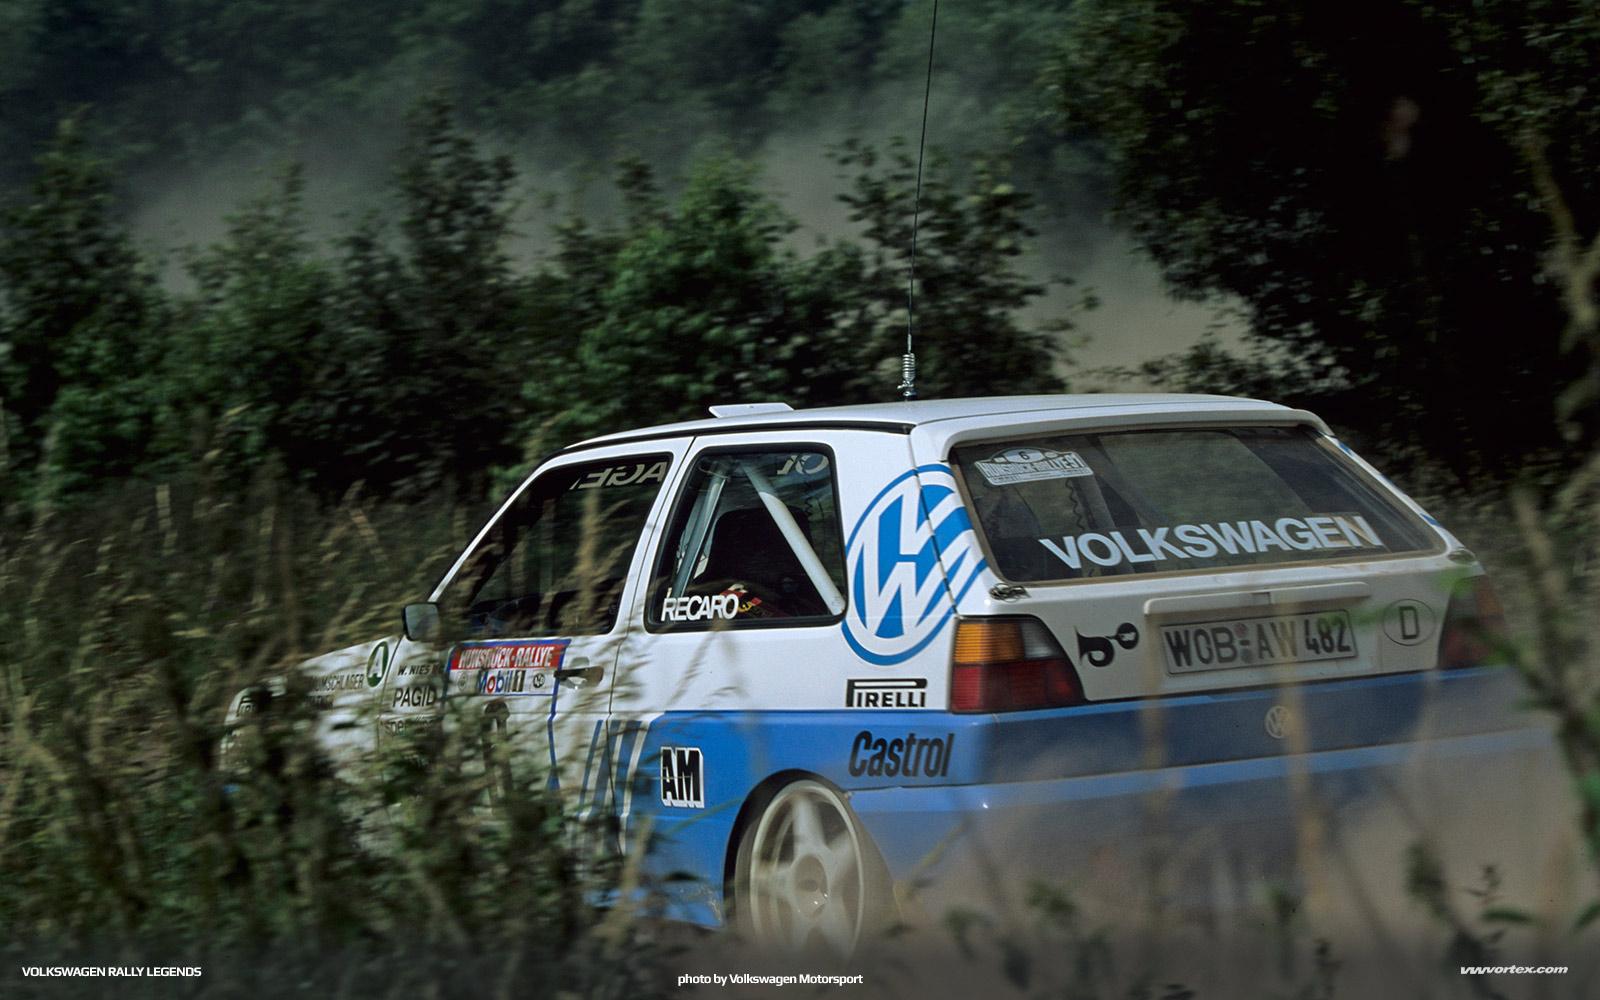 volkswagen-rally-legends-371